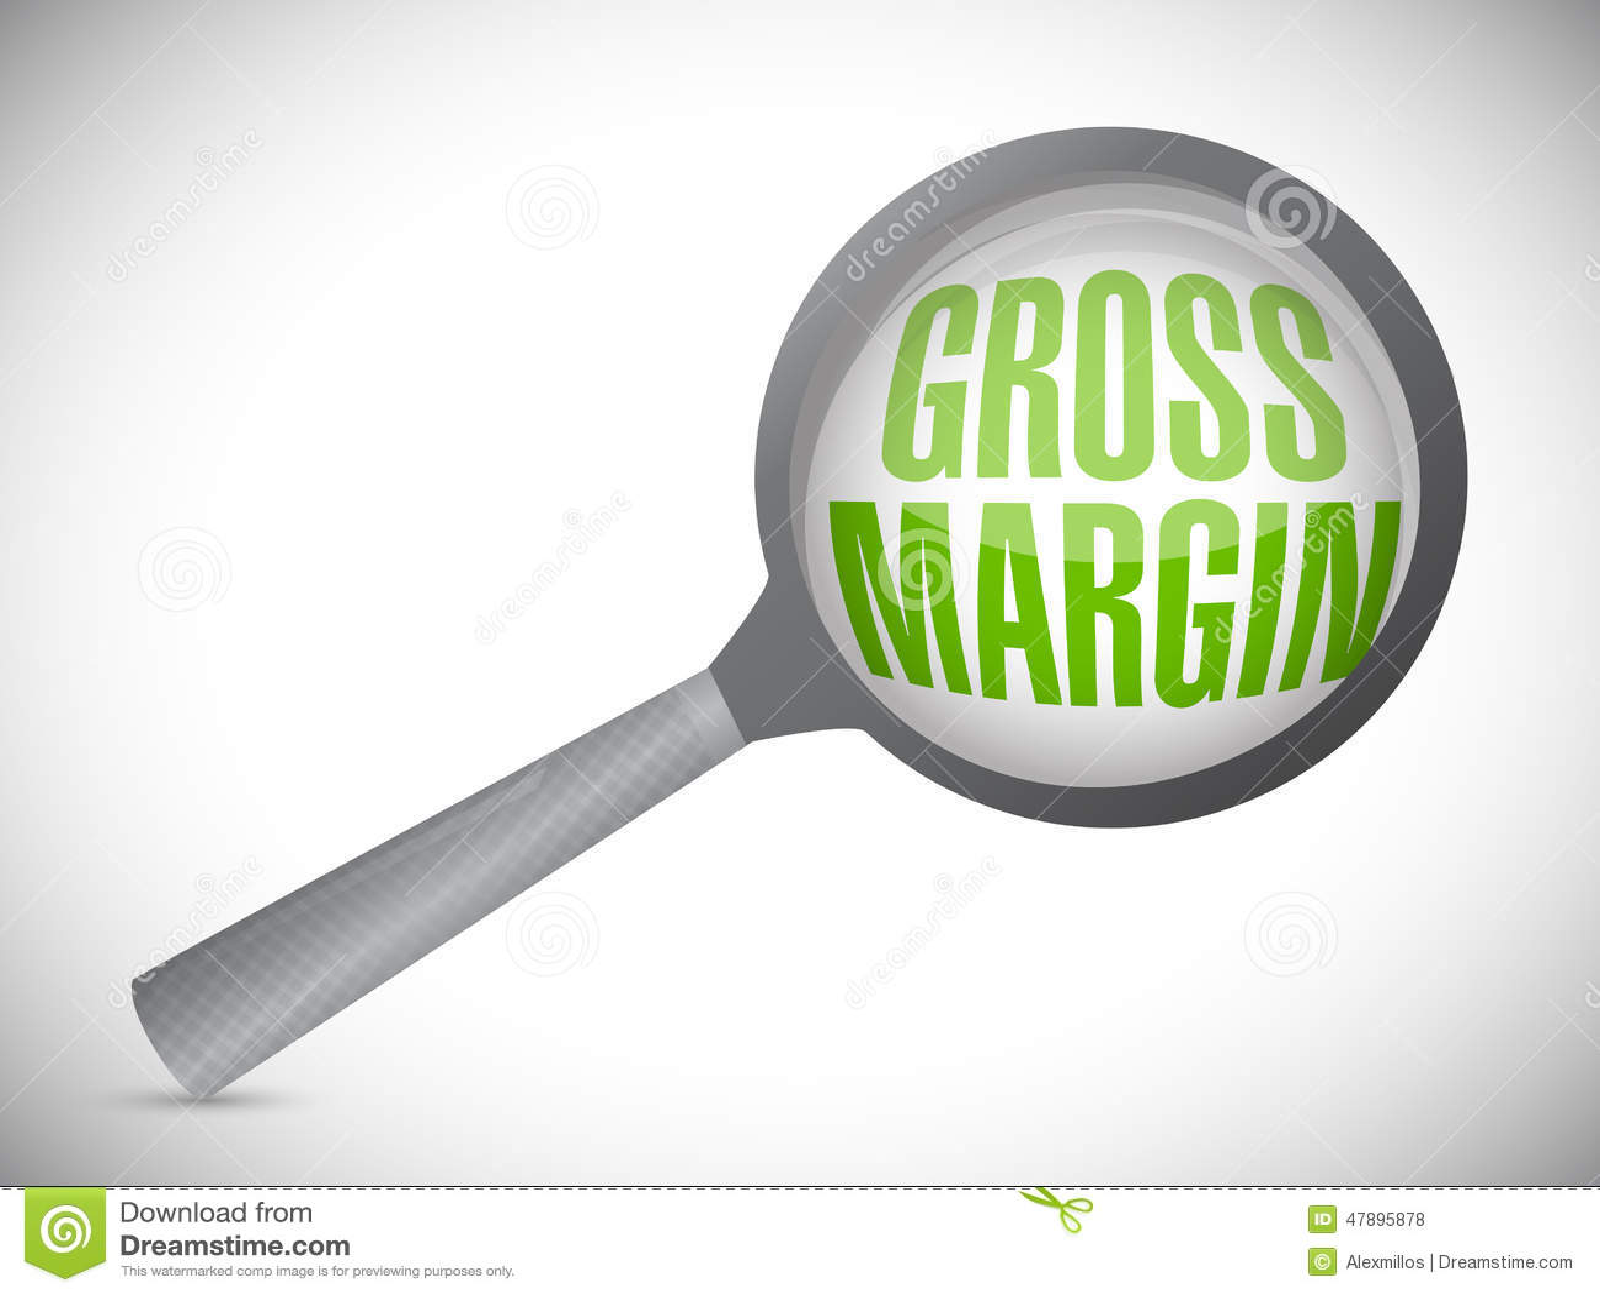 gross margin magnify search illustration design stock illustration image 47895878. Black Bedroom Furniture Sets. Home Design Ideas